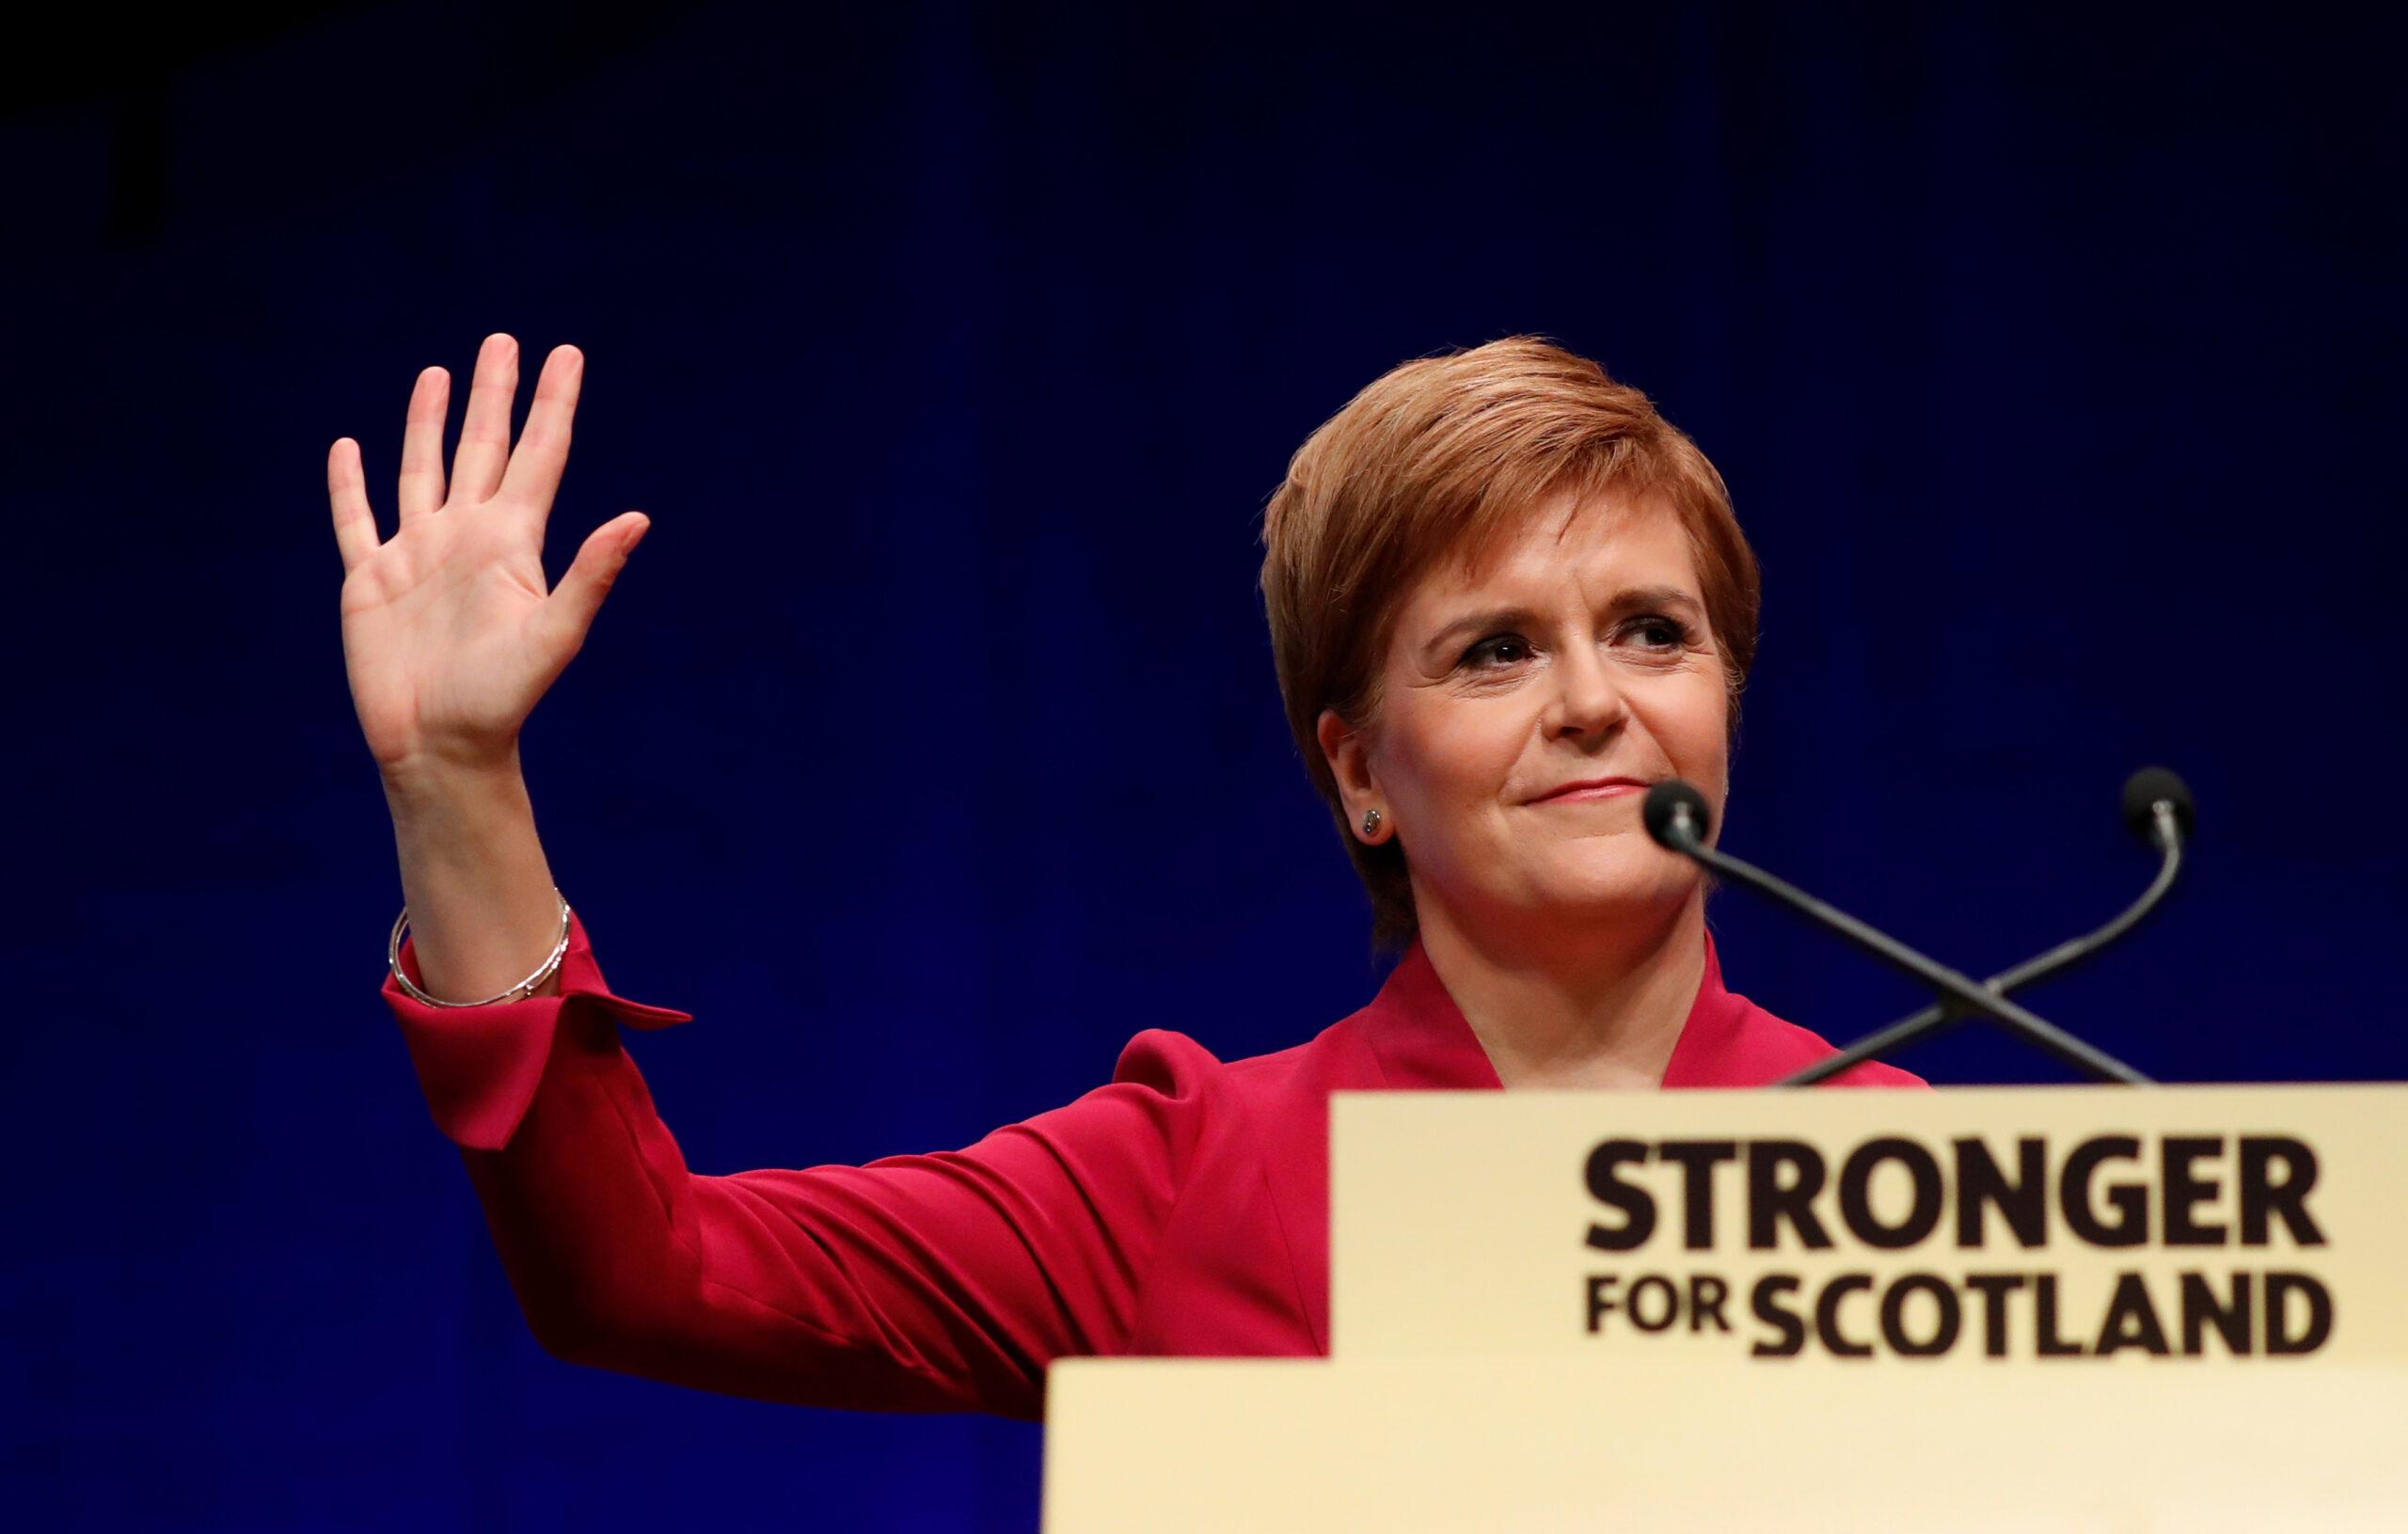 La primera ministra d'Escòcia, Nicola Sturgeon, durant la seva intervenció a la conferència de tardor de l'SNP a Aberdeen, Escòcia | ACN